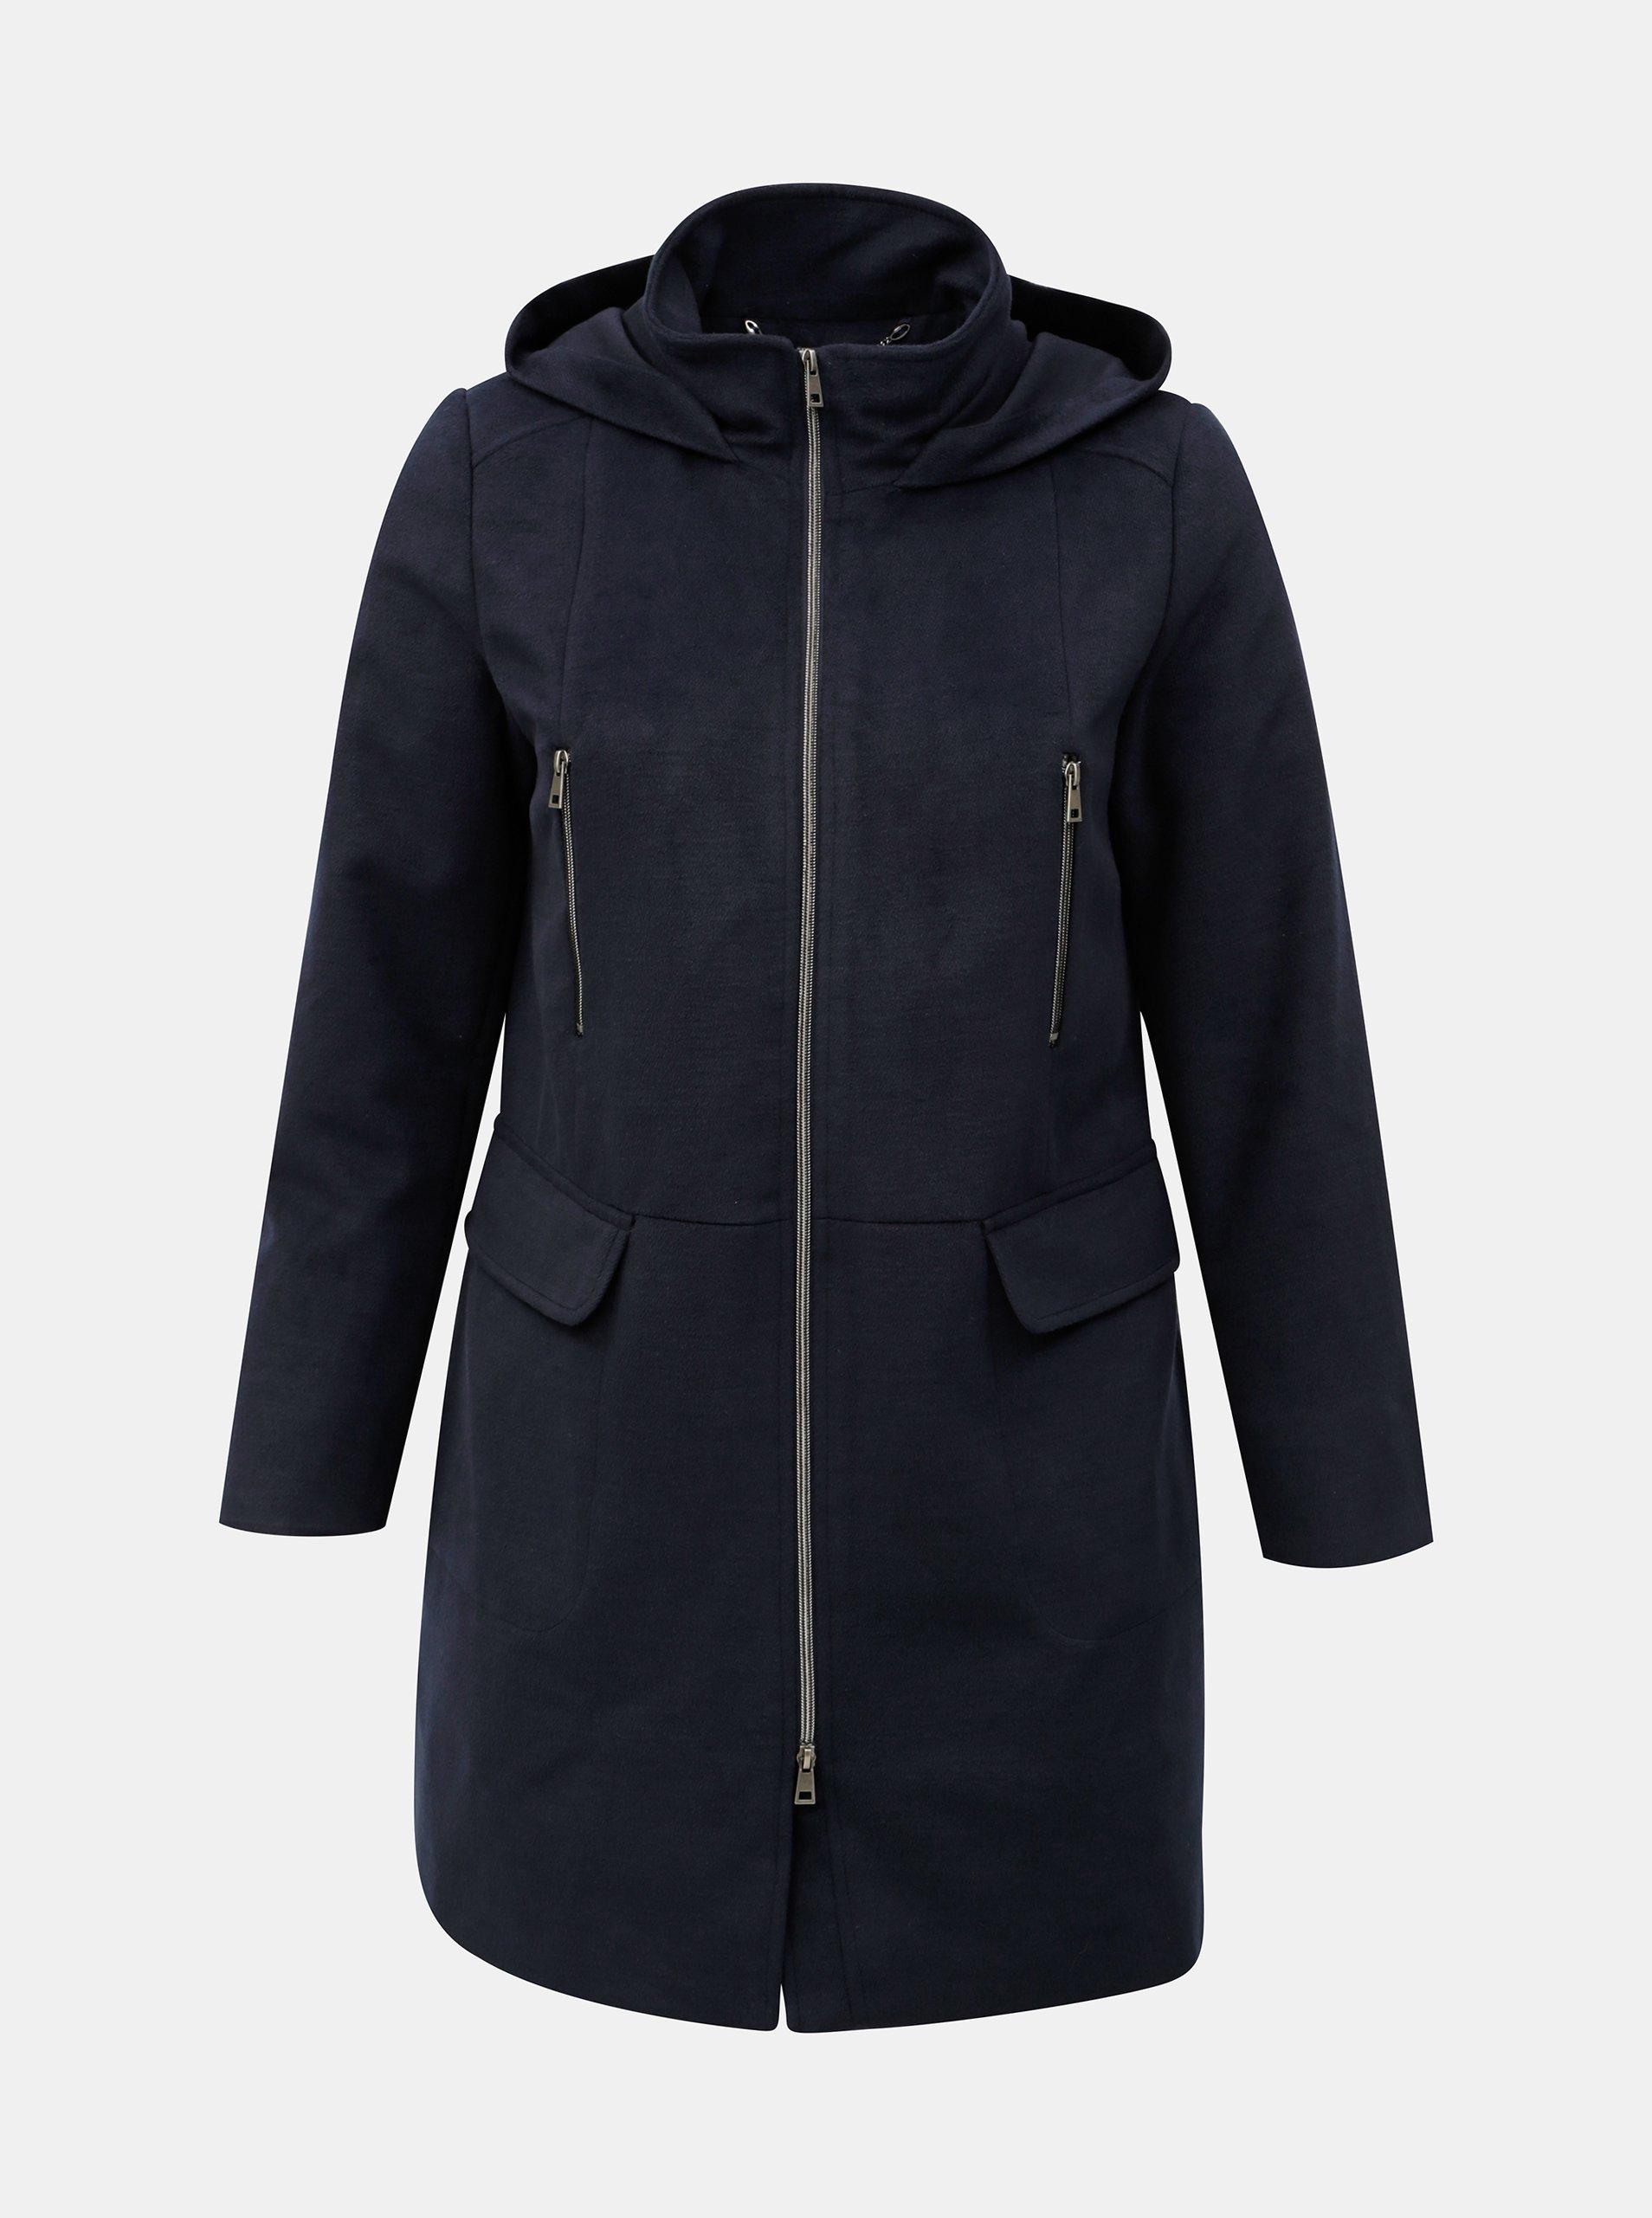 Tmavě modrý kabát s kapucí Ulla Popken d2e2ba30345